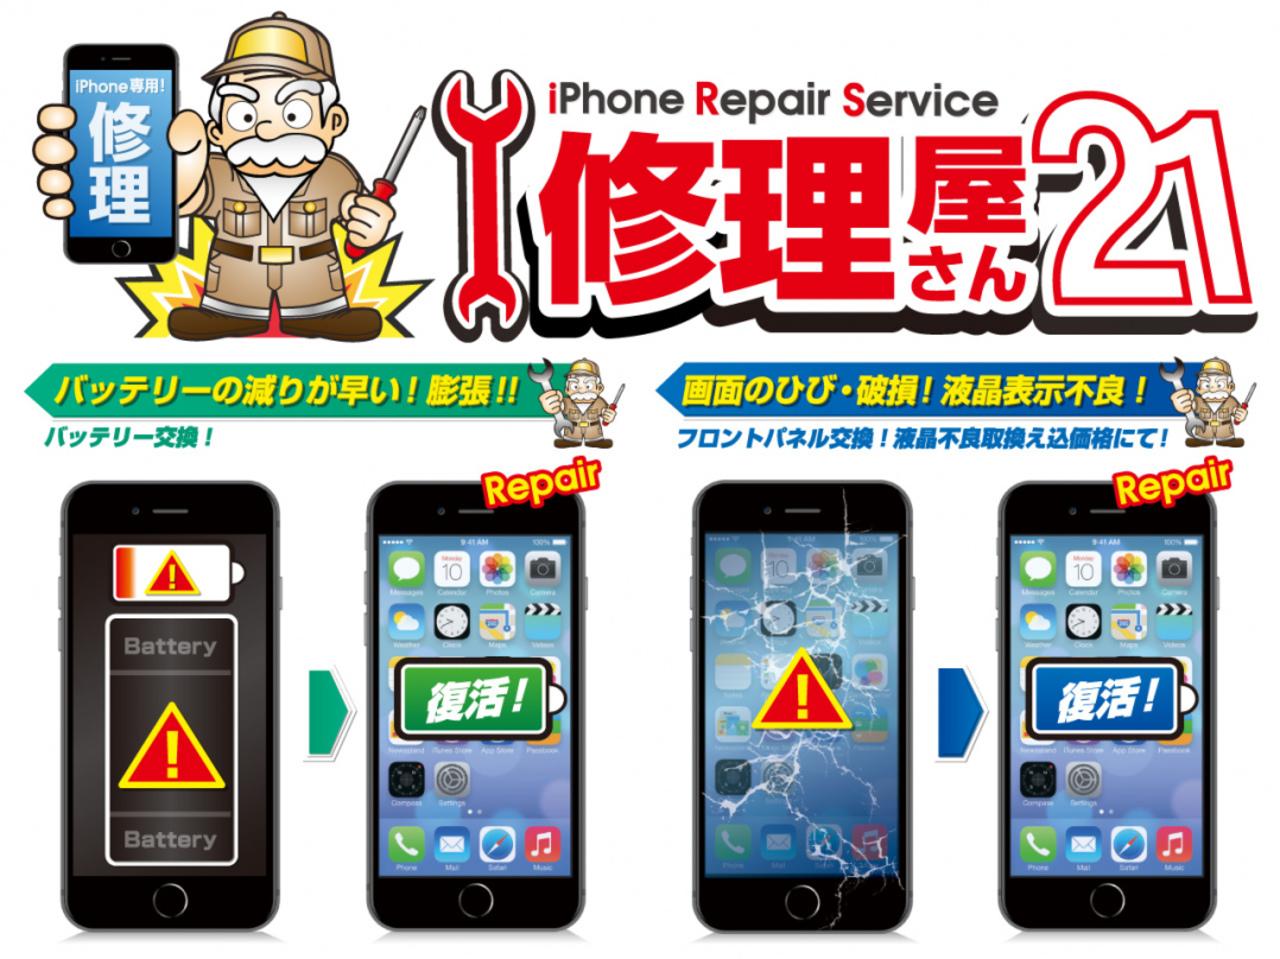 【はんこ屋さん21 札幌北21条店】iPhone修理サービスの受付スタートしました